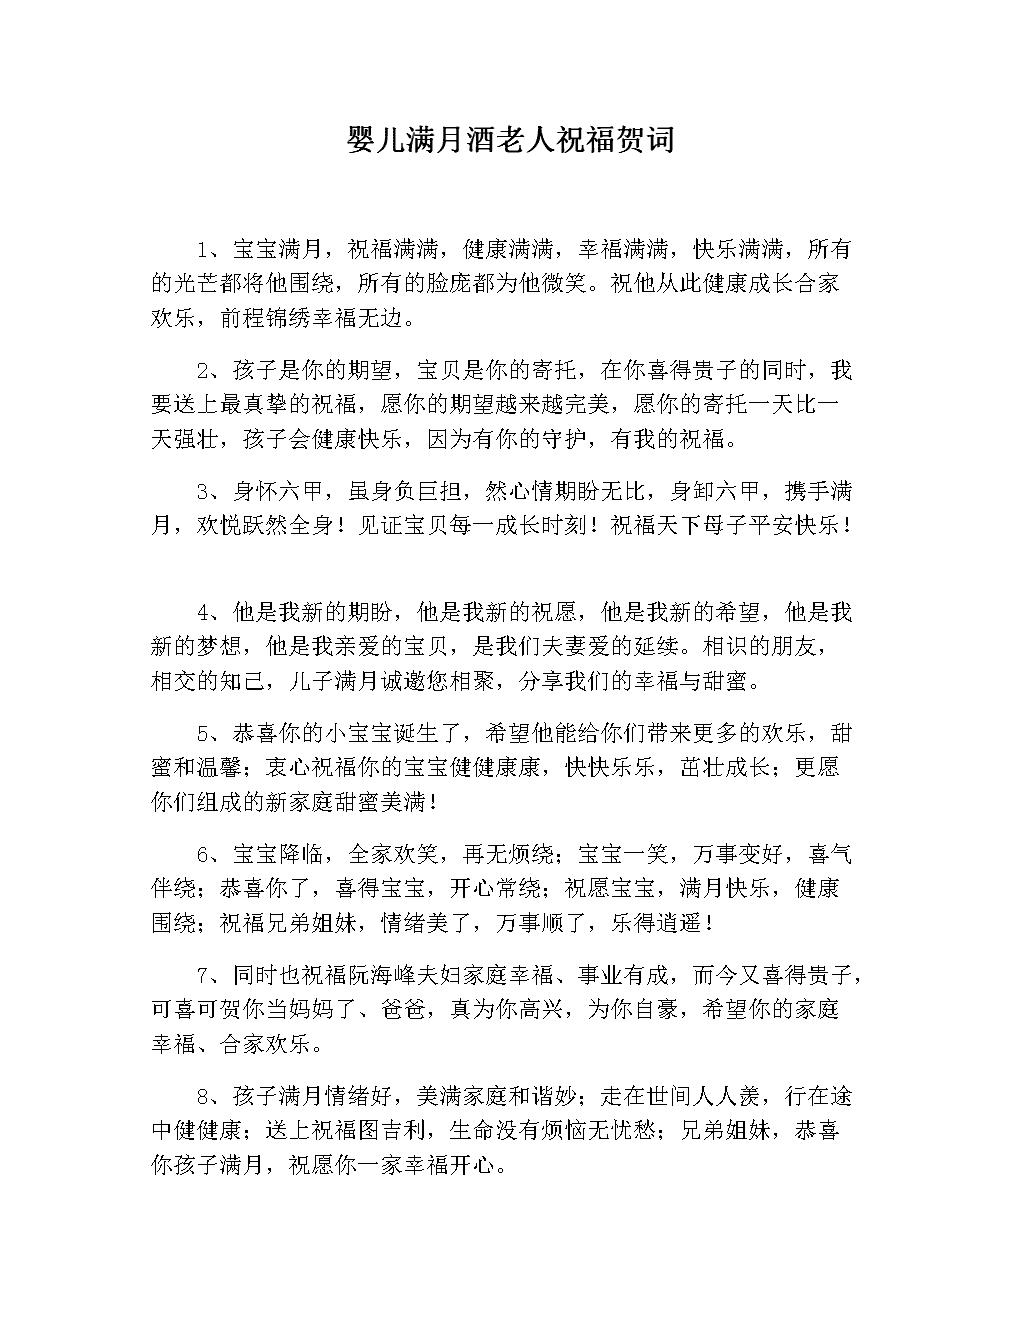 婴儿满月酒老人祝福贺词.doc